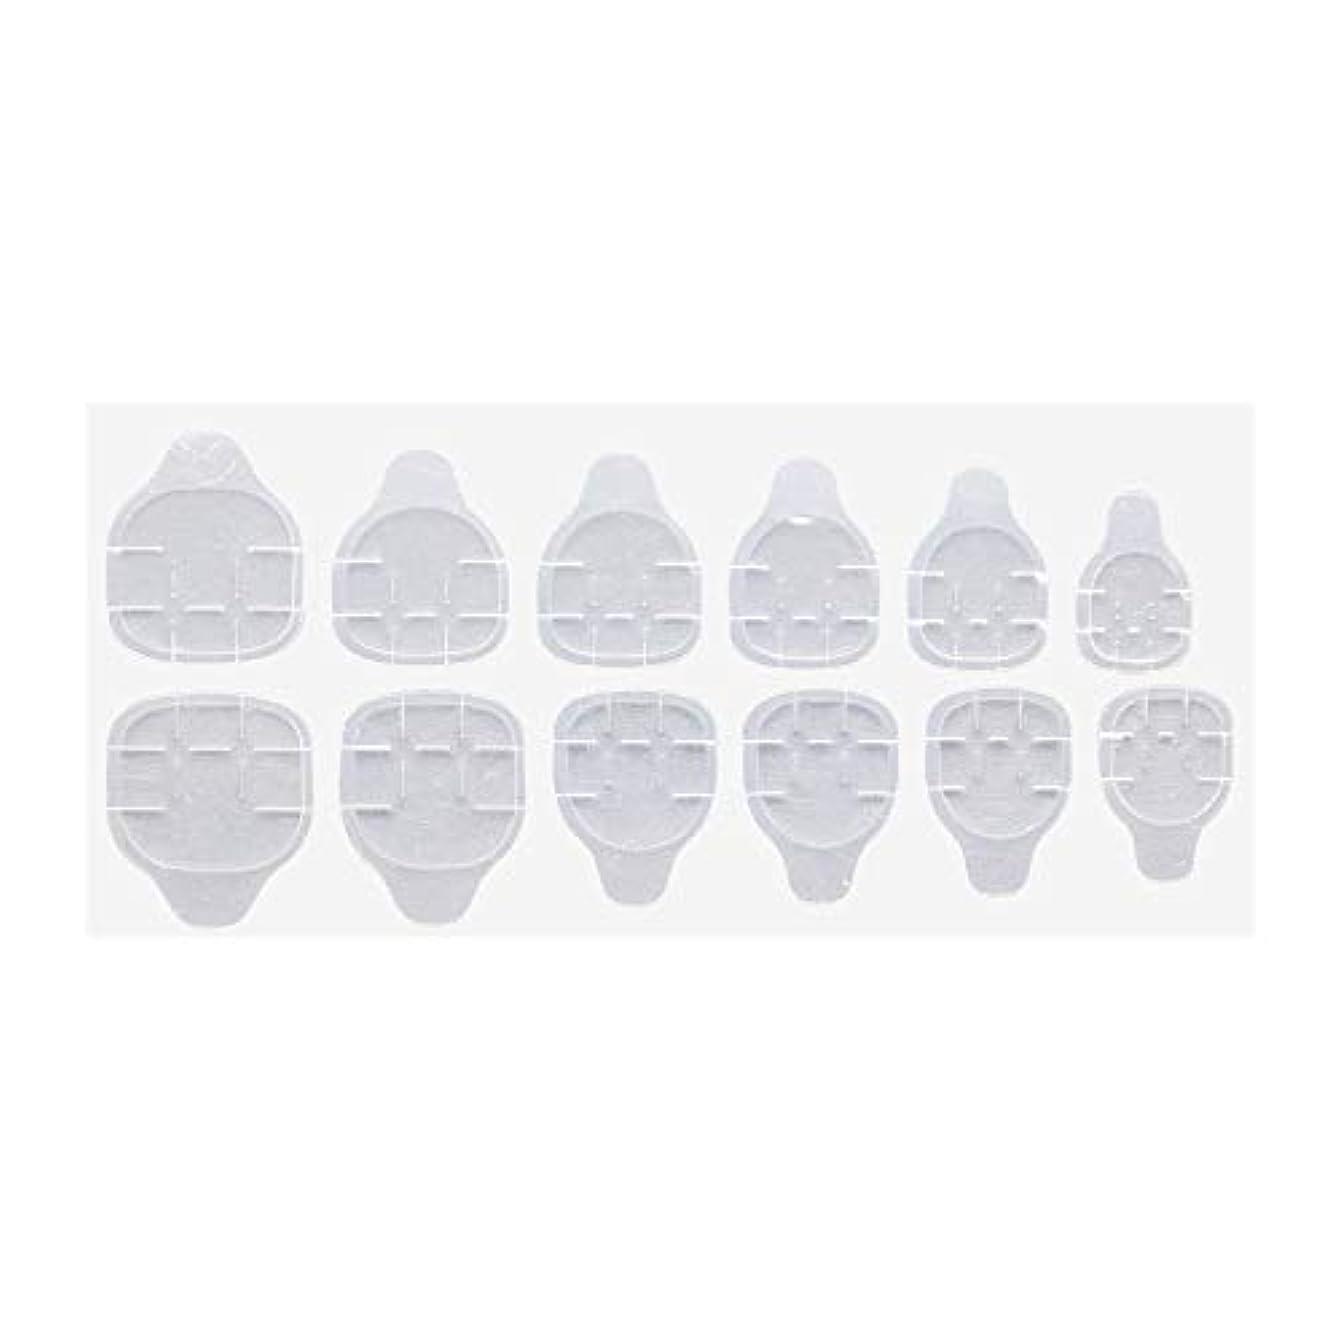 シャンプー工夫する破滅グミ状両面テープ 付け爪 ネイルチップ 練習用 ネイルツール ジェルネイル ネイルアート